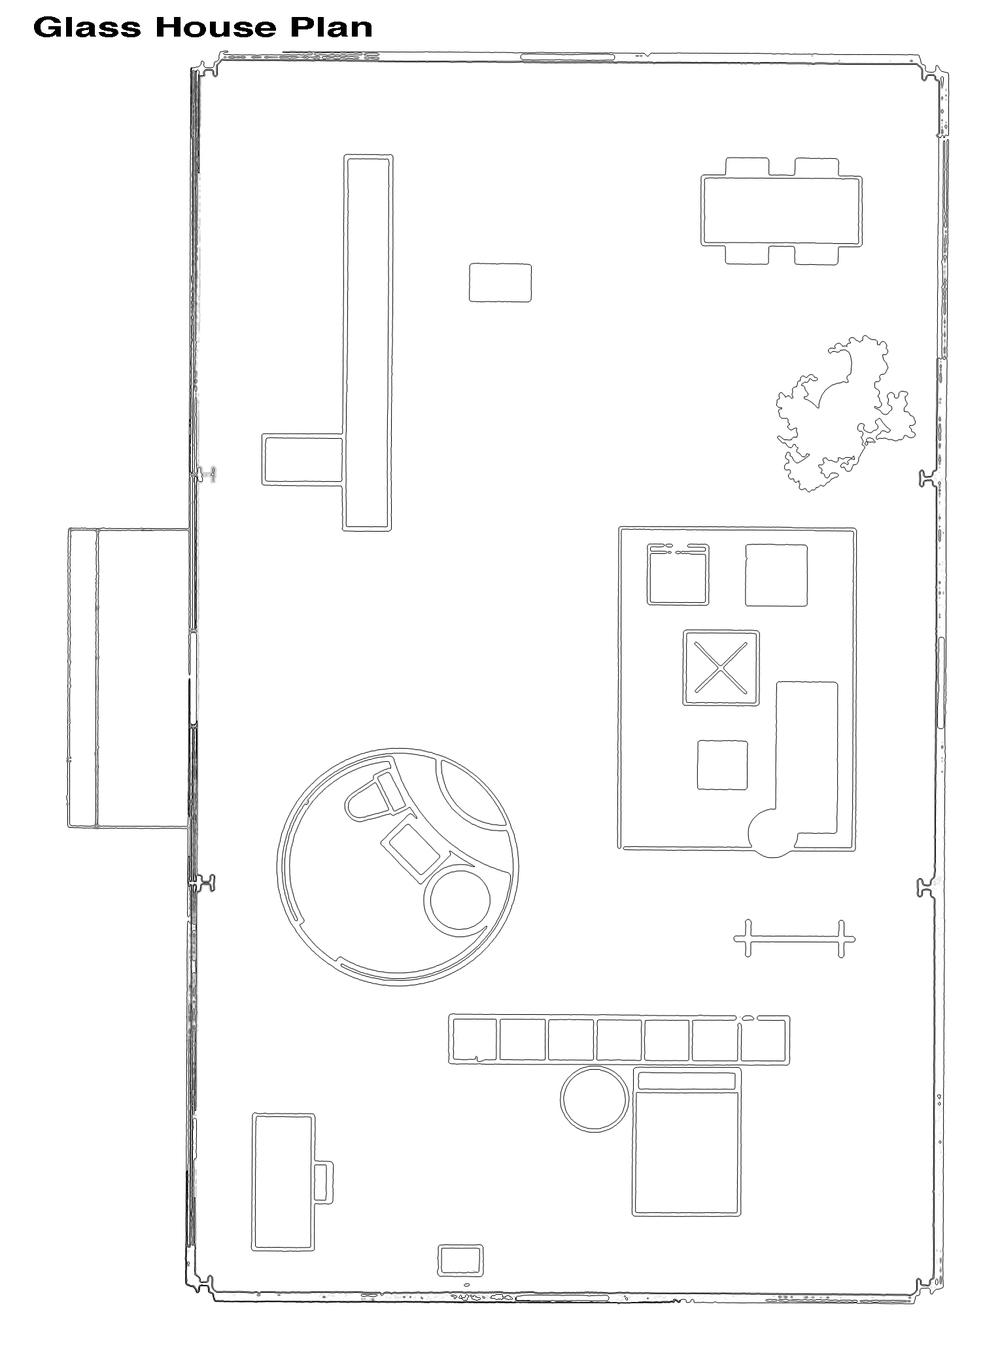 James belflower 39 s blog for Glass house design plans